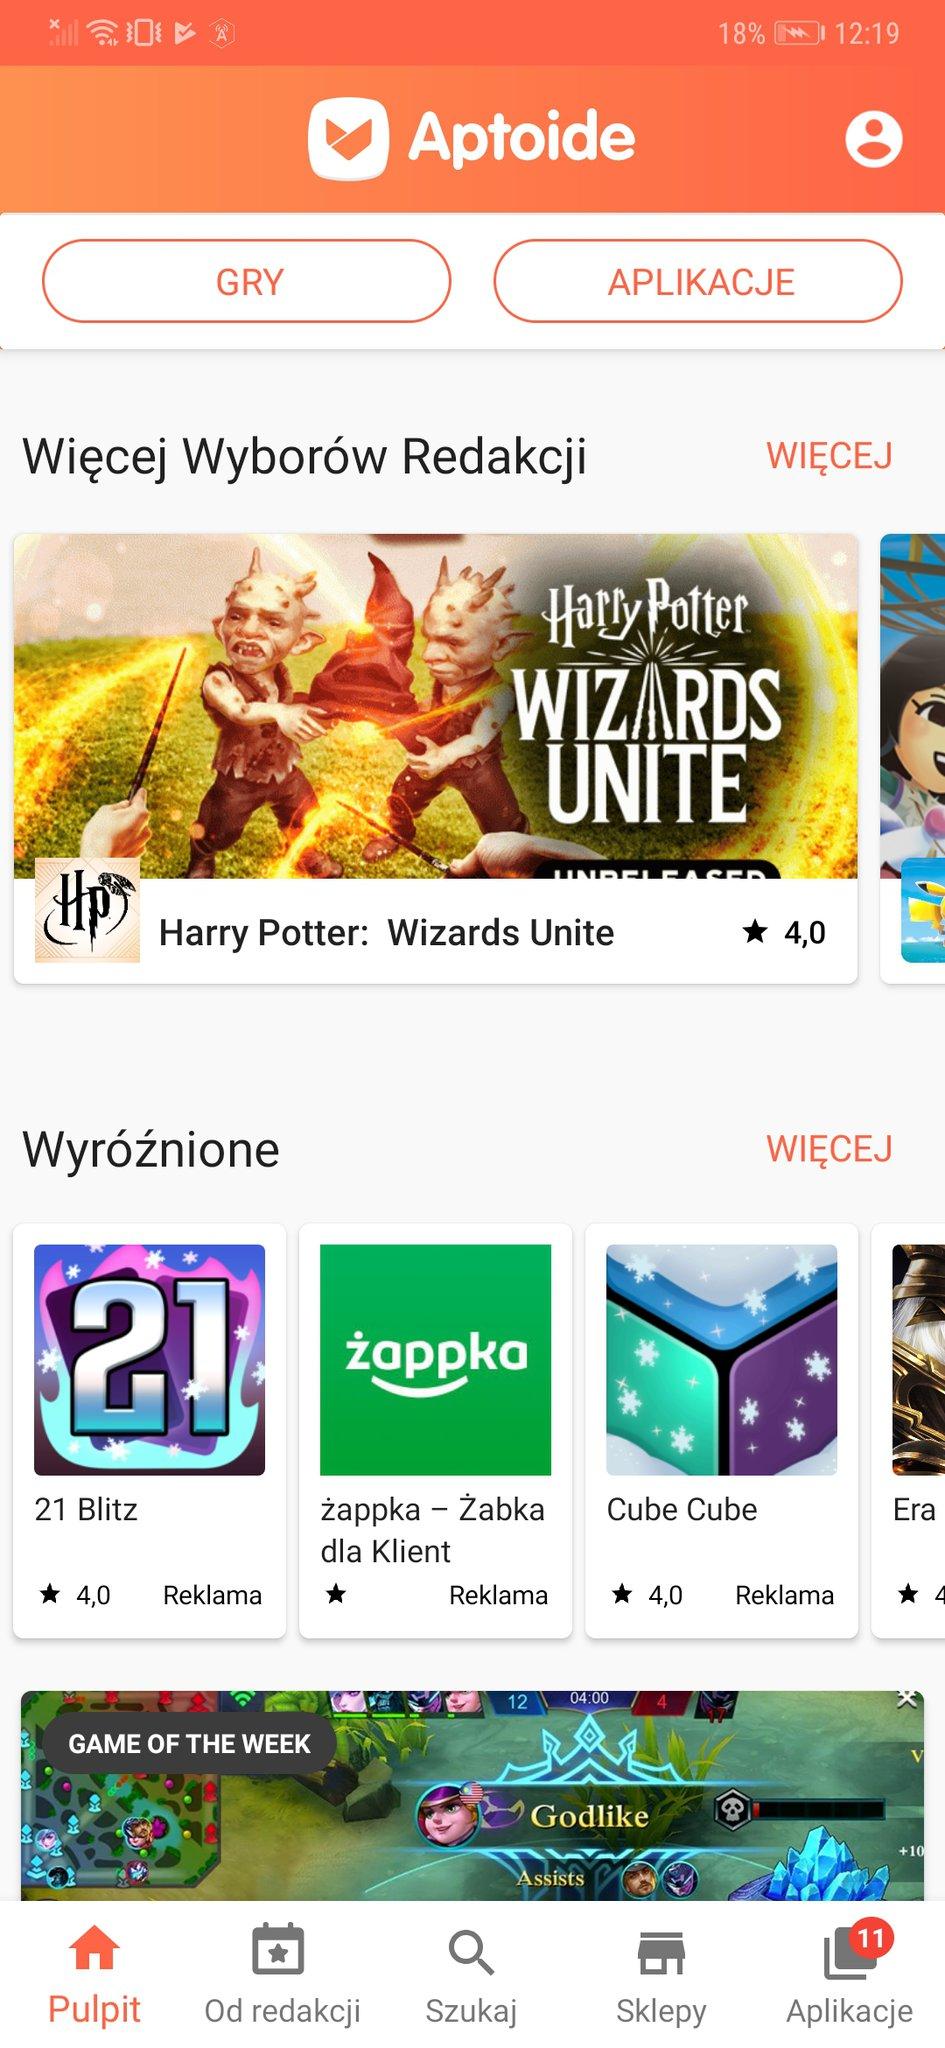 c97ce35bb9cb9c Przetestowałem zamiennik Sklepu Play na smartfonie Huawei. Aptoide ...